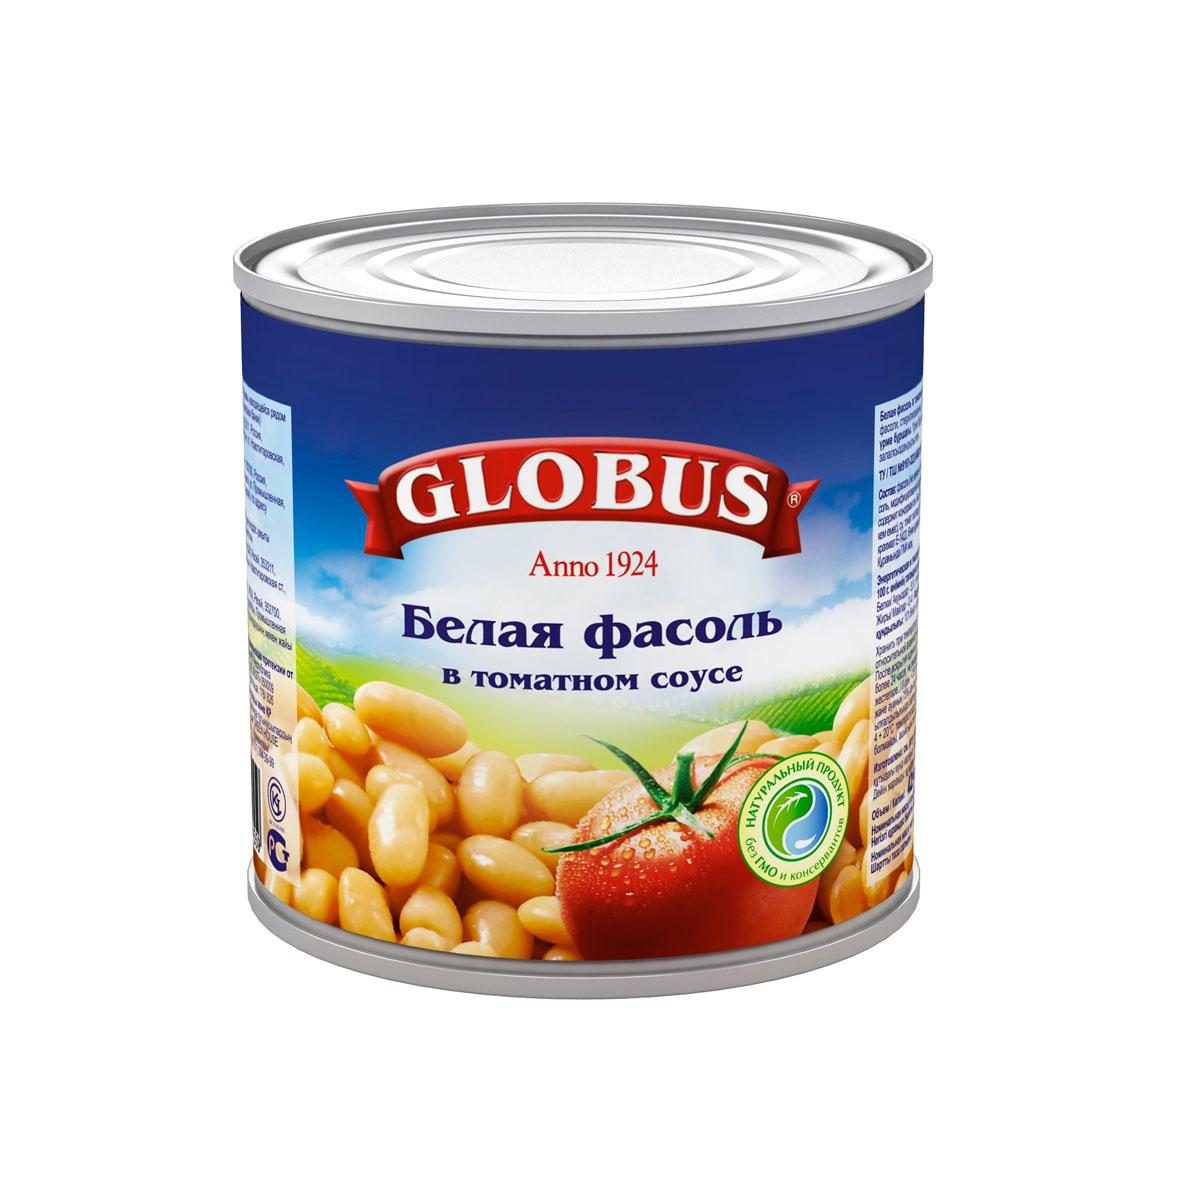 Globus белая фасоль в томатном соусе, 400 г bonduelle белая фасоль 400 г